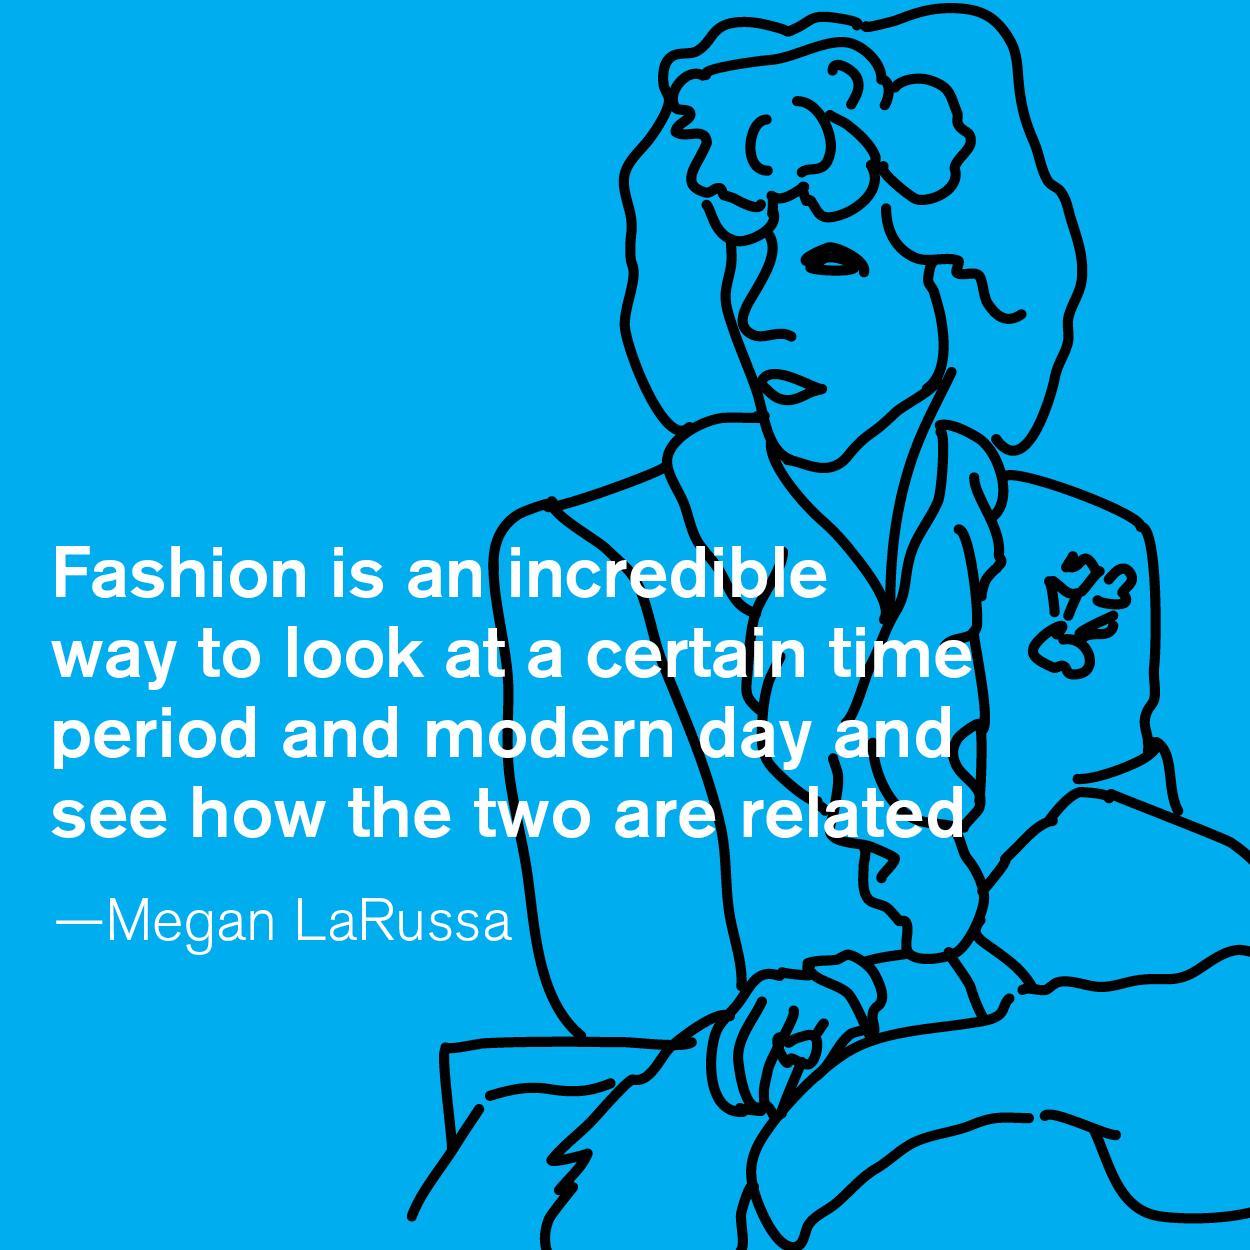 BMA Smartguide: Fashion